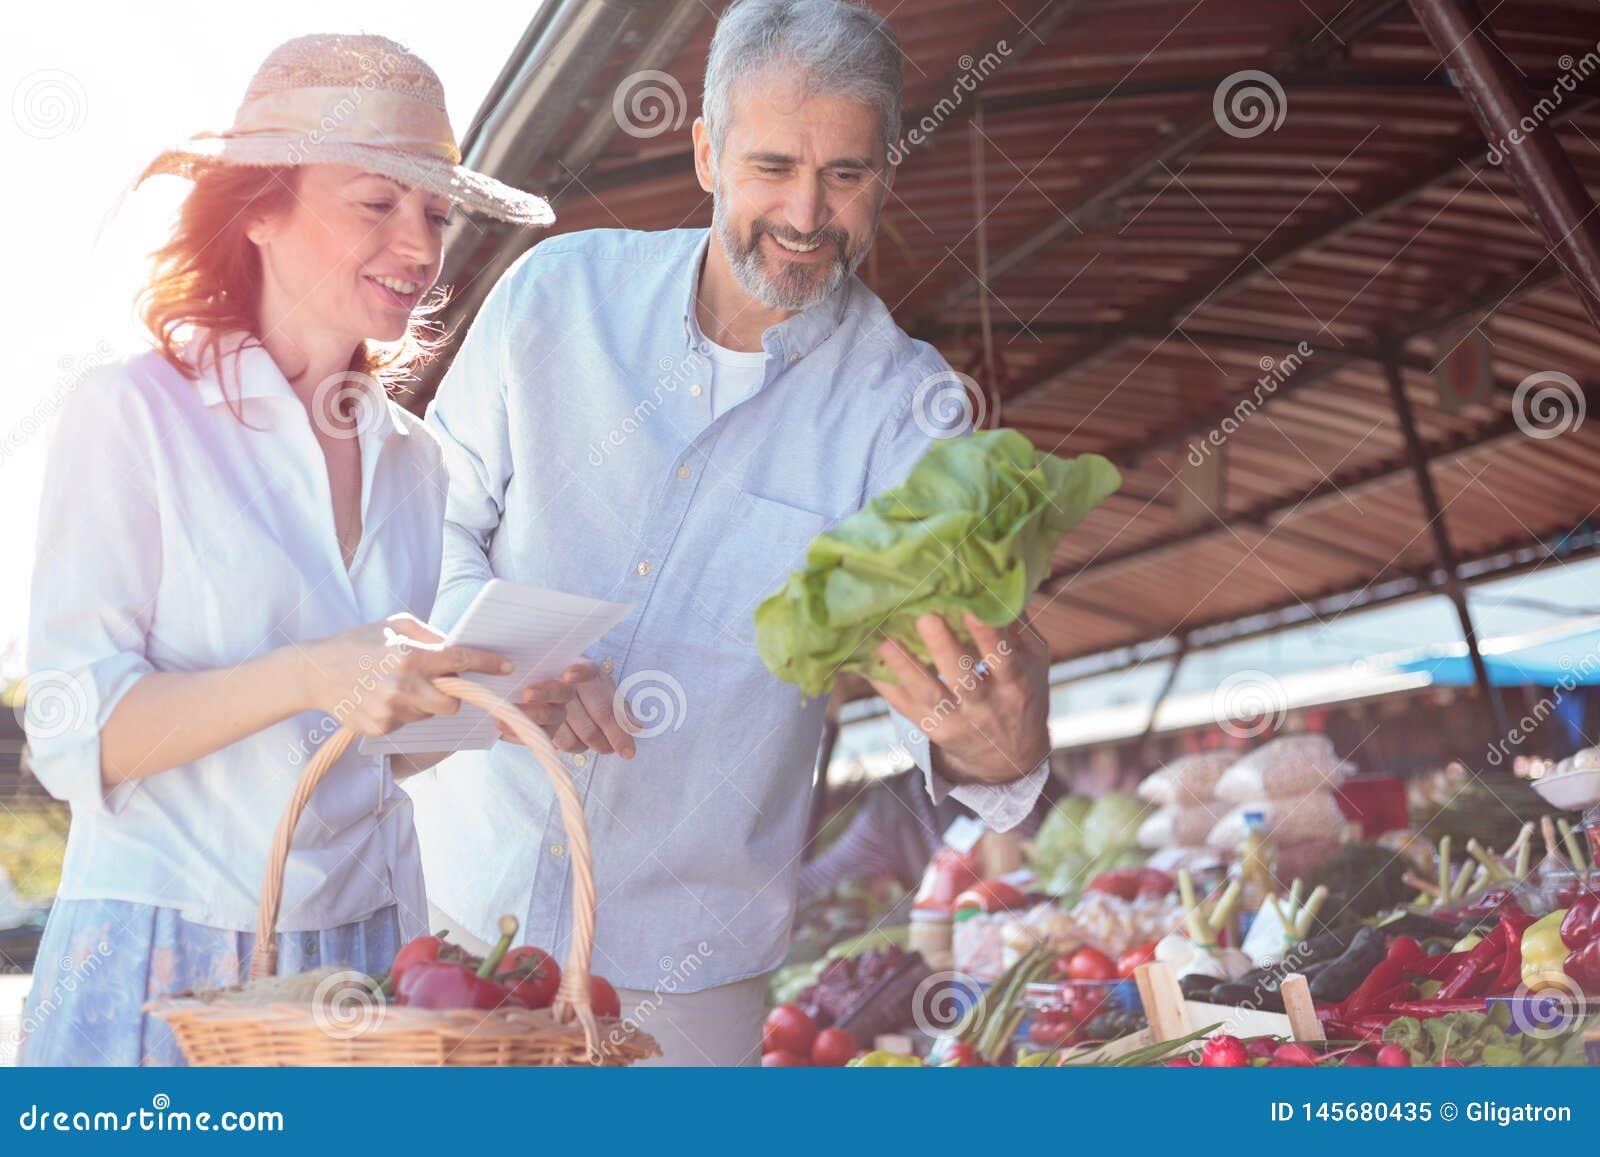 Mi couples adultes heureux achetant les légumes organiques frais dans un marché